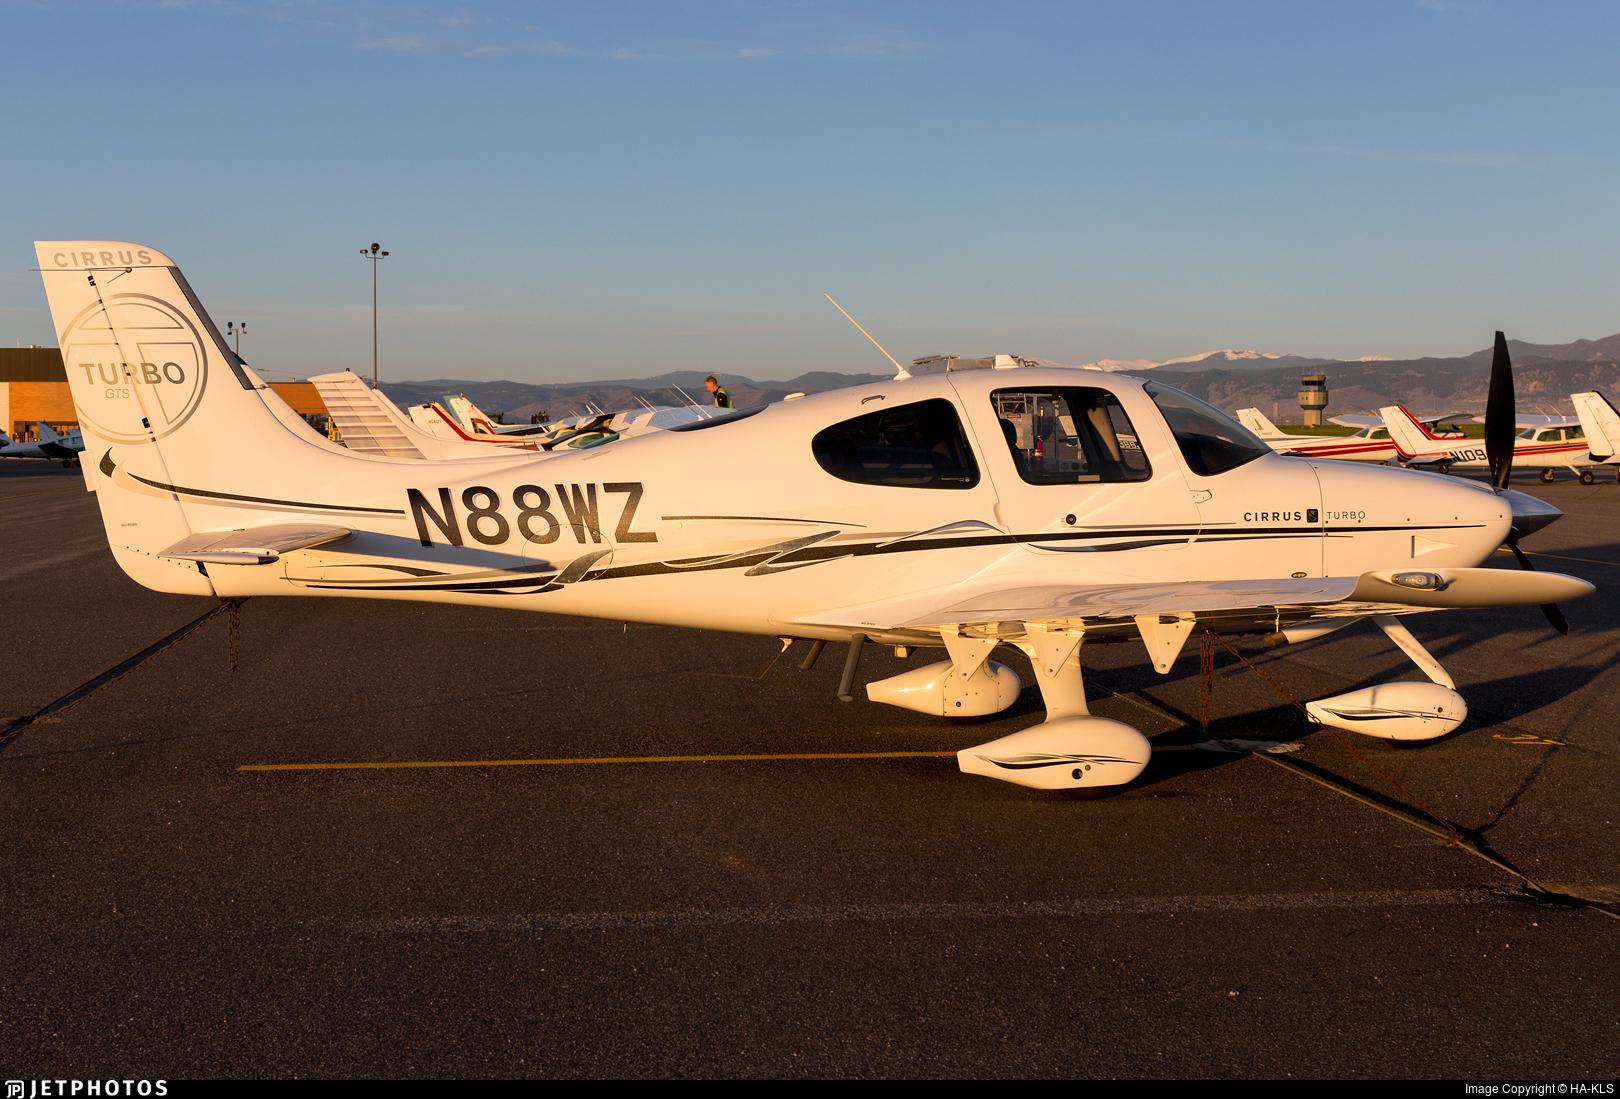 N88WZ - Cirrus SR22 G3 Turbo GTS - Private